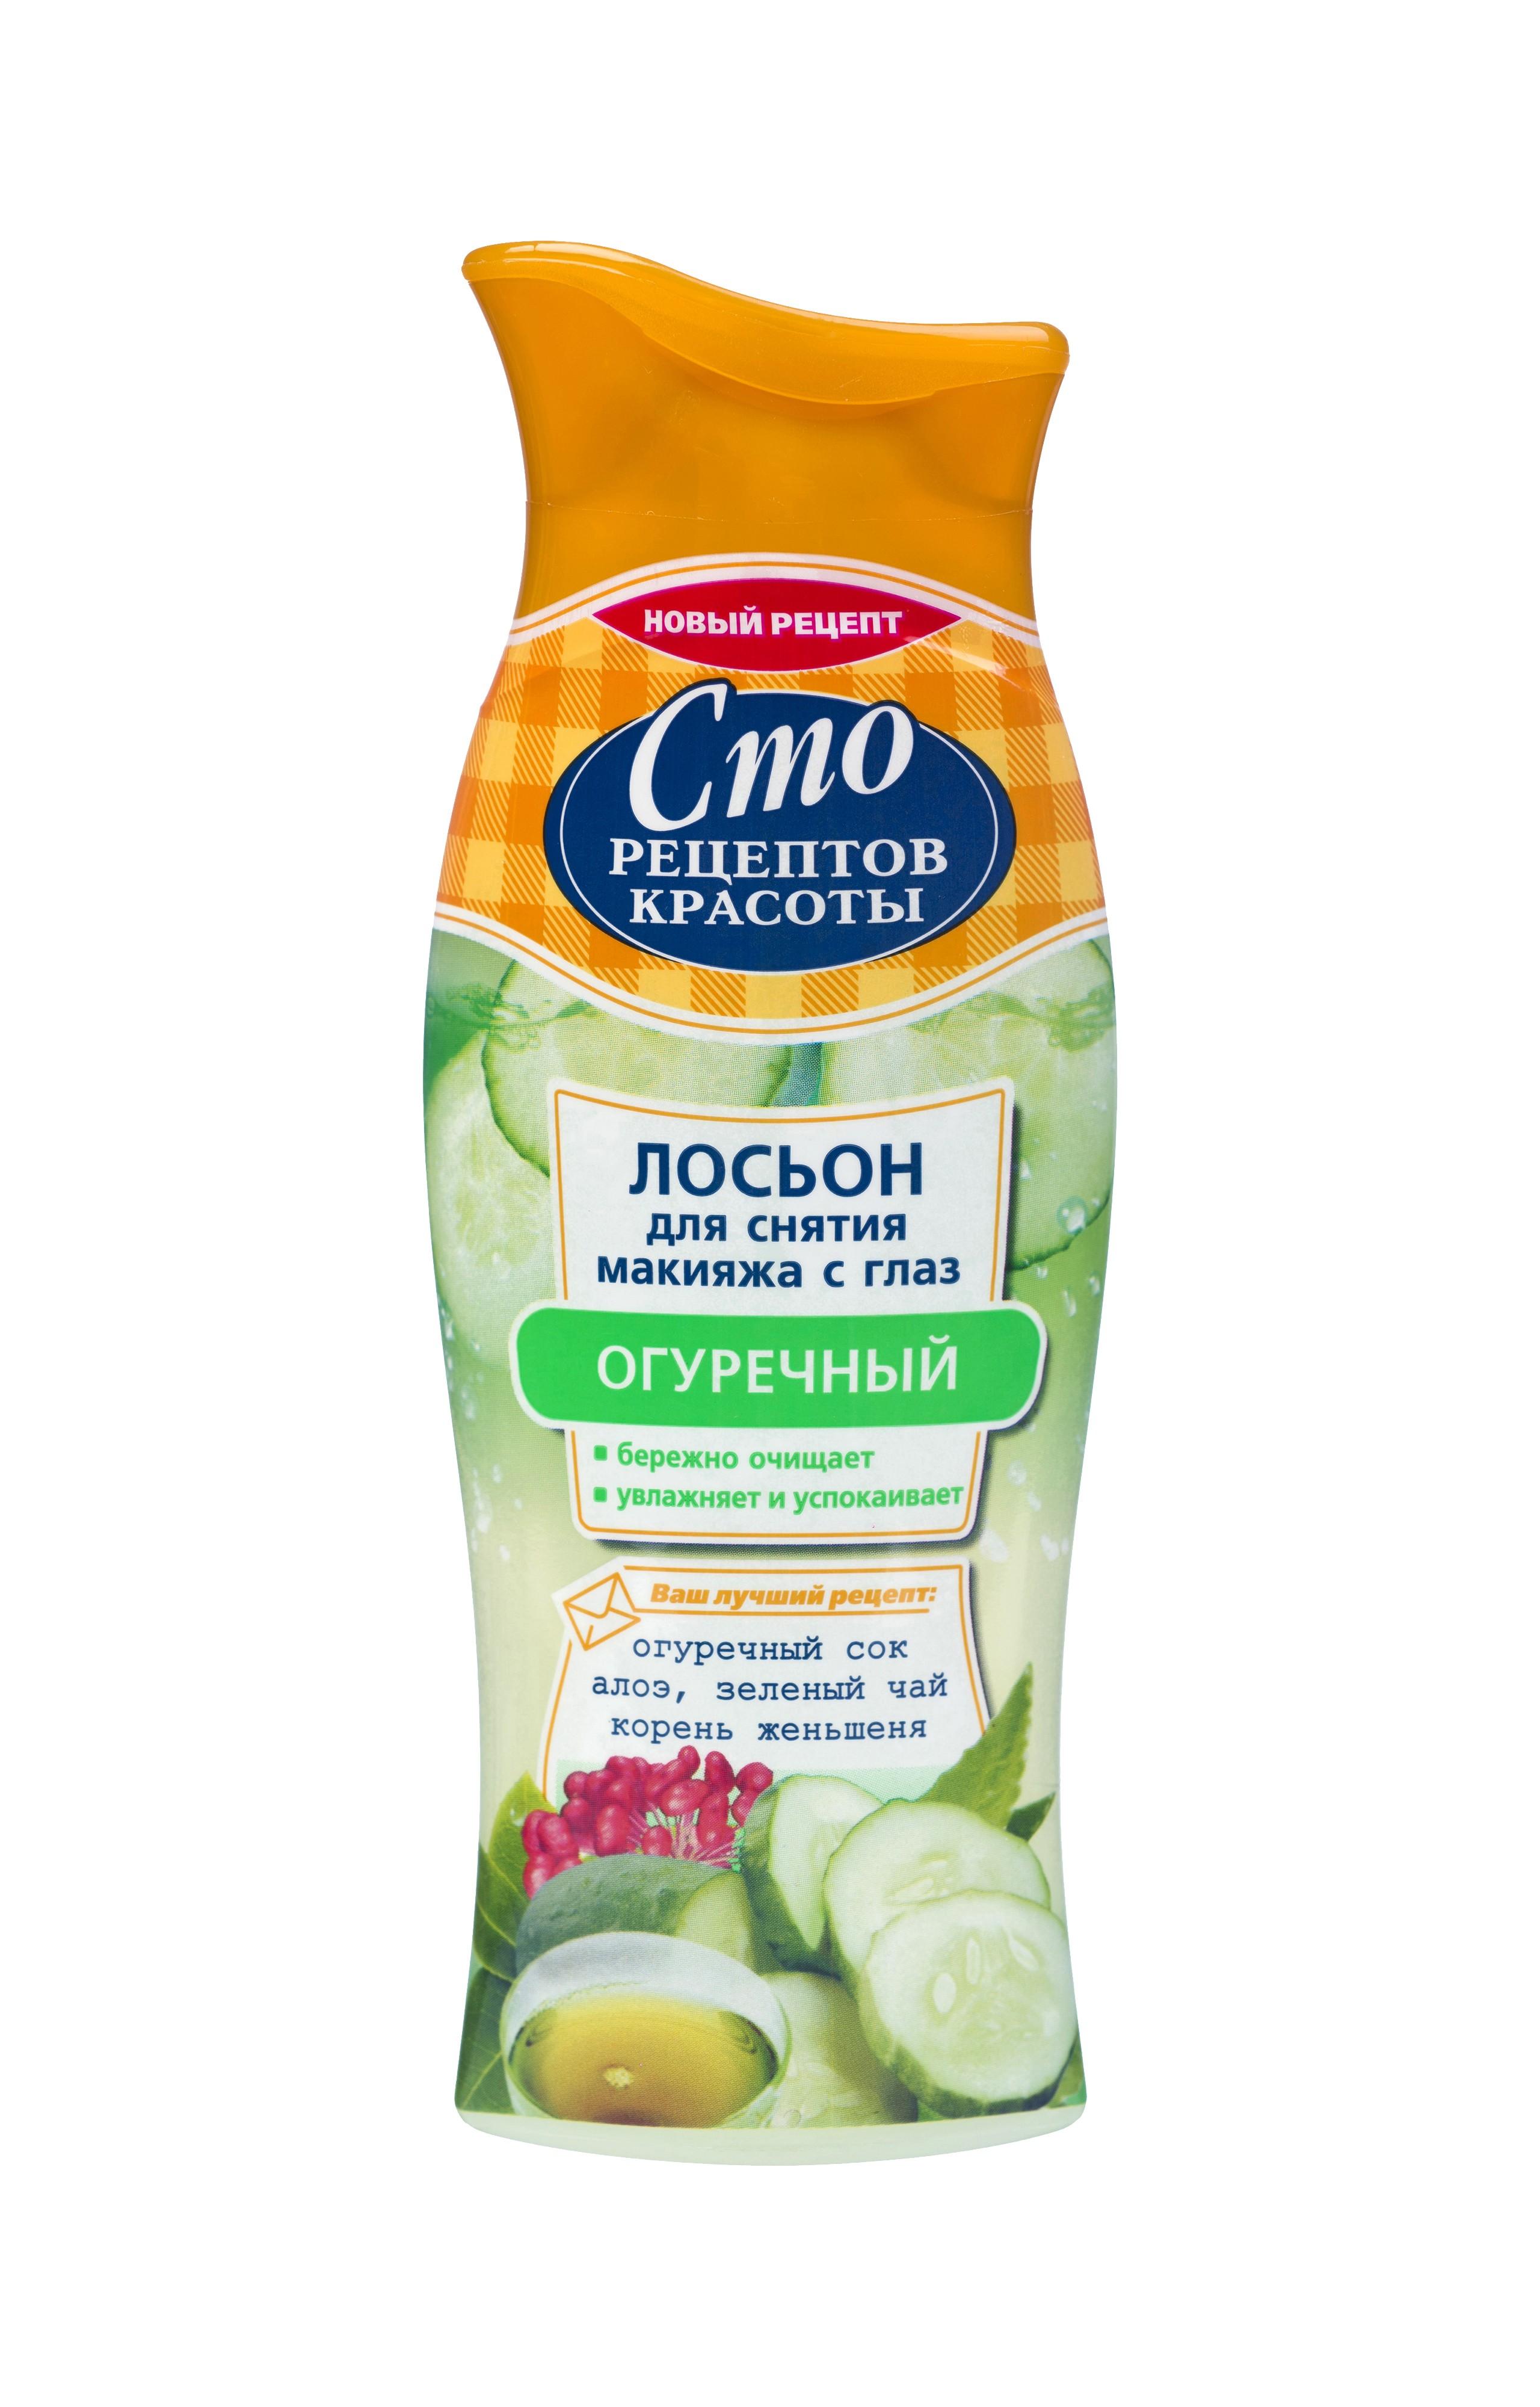 Сто Рецептов Красоты Лосьон для снятия макияжа с глаз Огуречный 100 мл